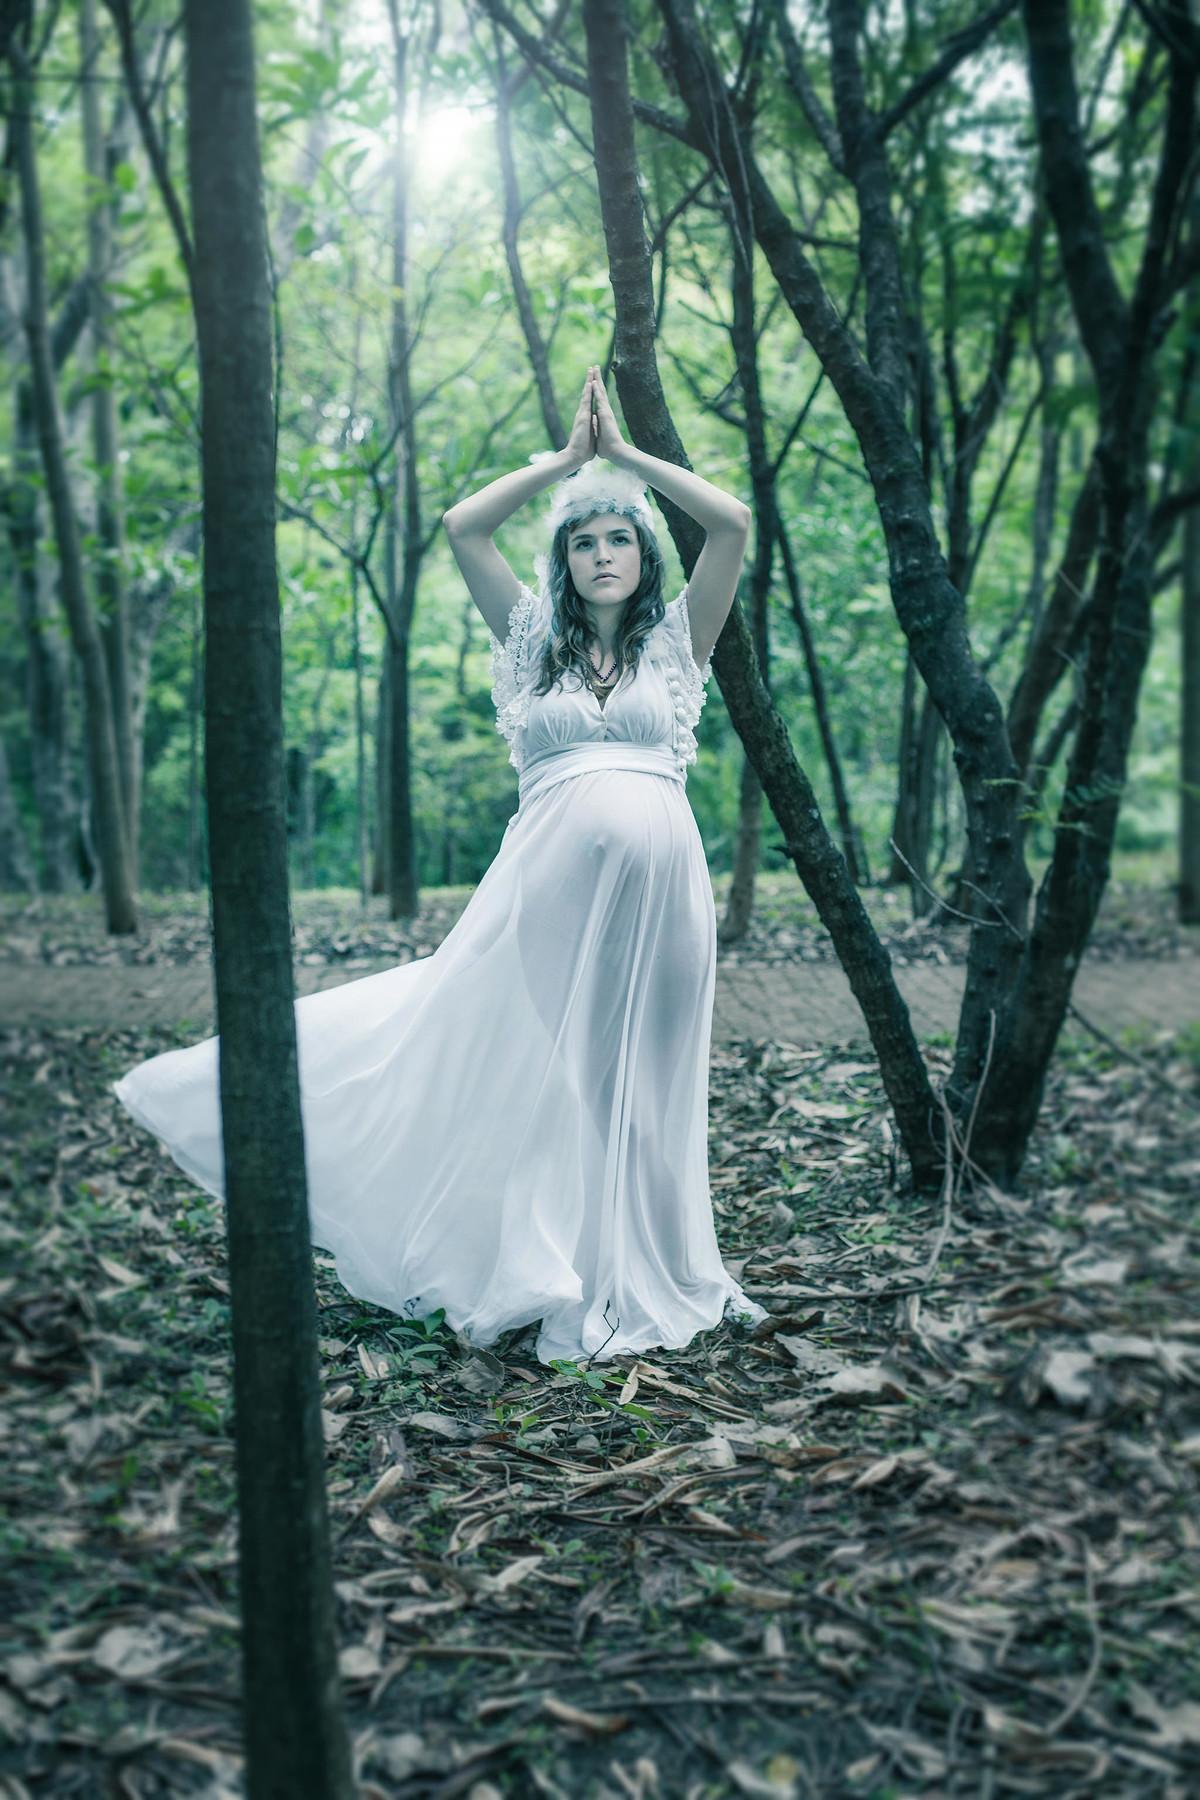 Grávida em pose de yoga em seu ensaio fotográfico temático na floresta em Brasília-DF. Foto feita pelo fotógrafo Rafael Ohana